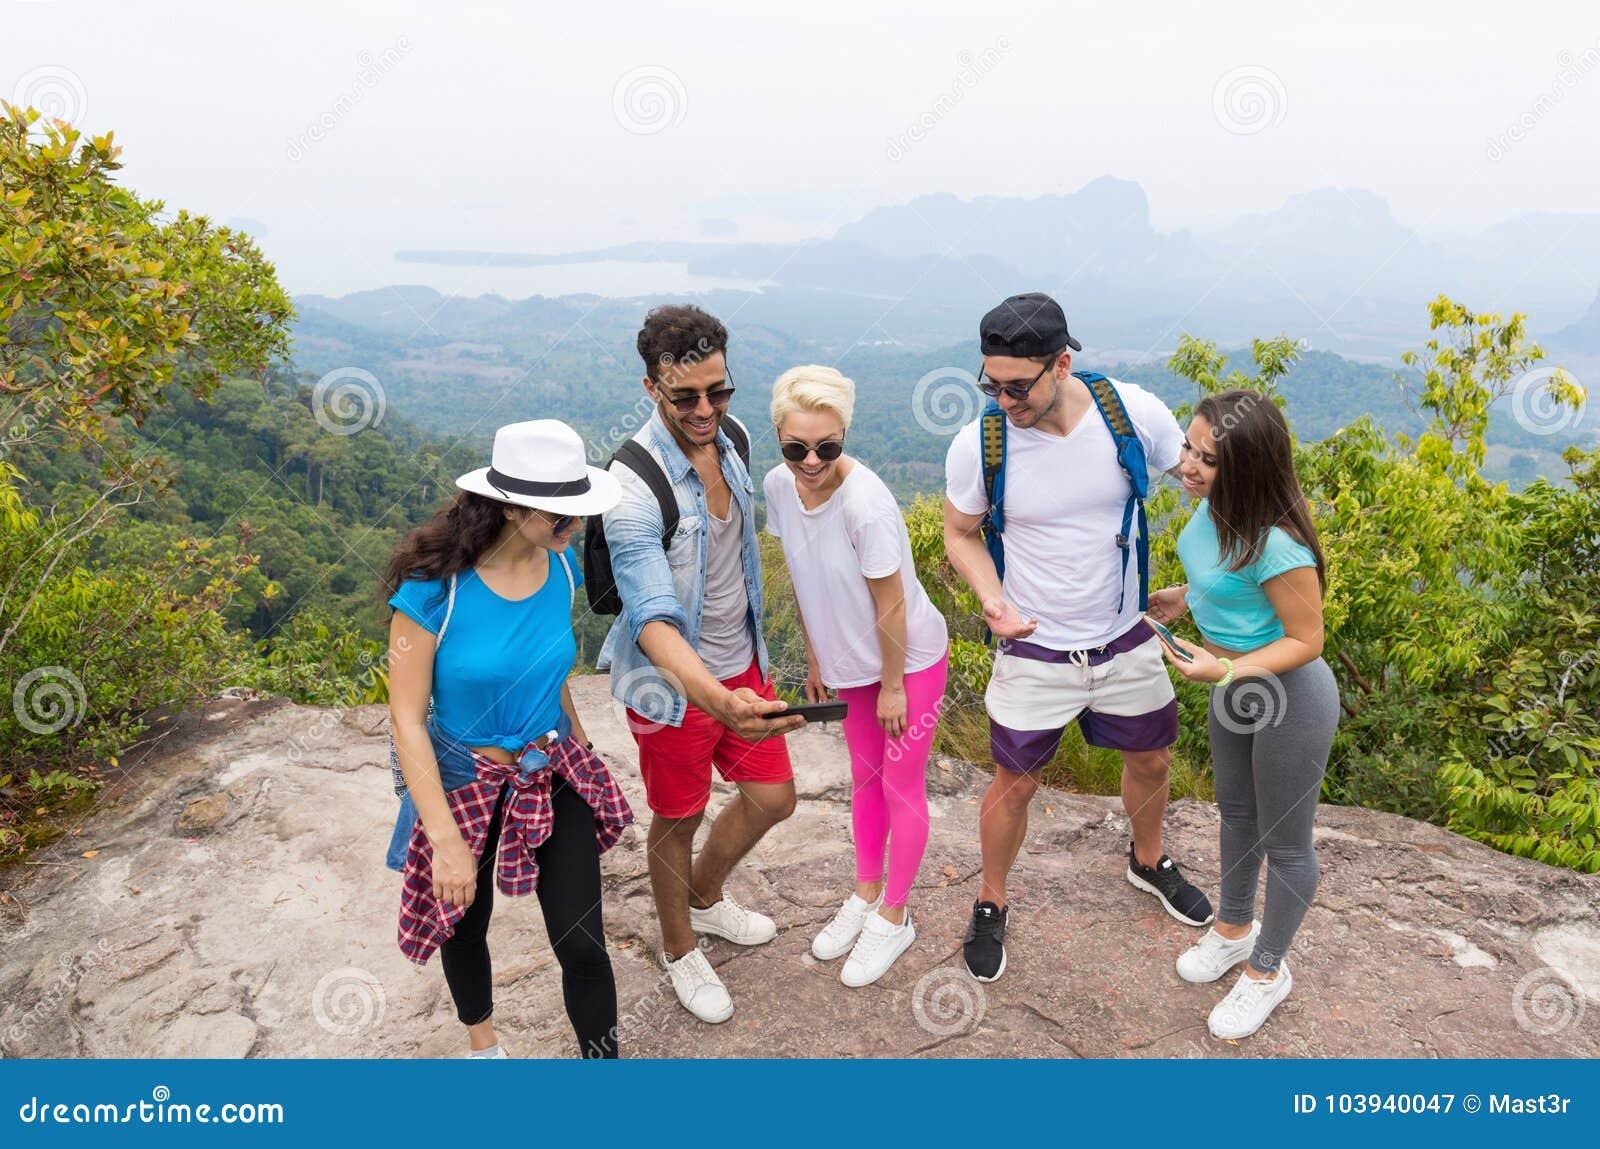 Photos de touristes de montre de groupe aux téléphones intelligents de cellules, les gens avec le sac à dos au-dessus du paysage